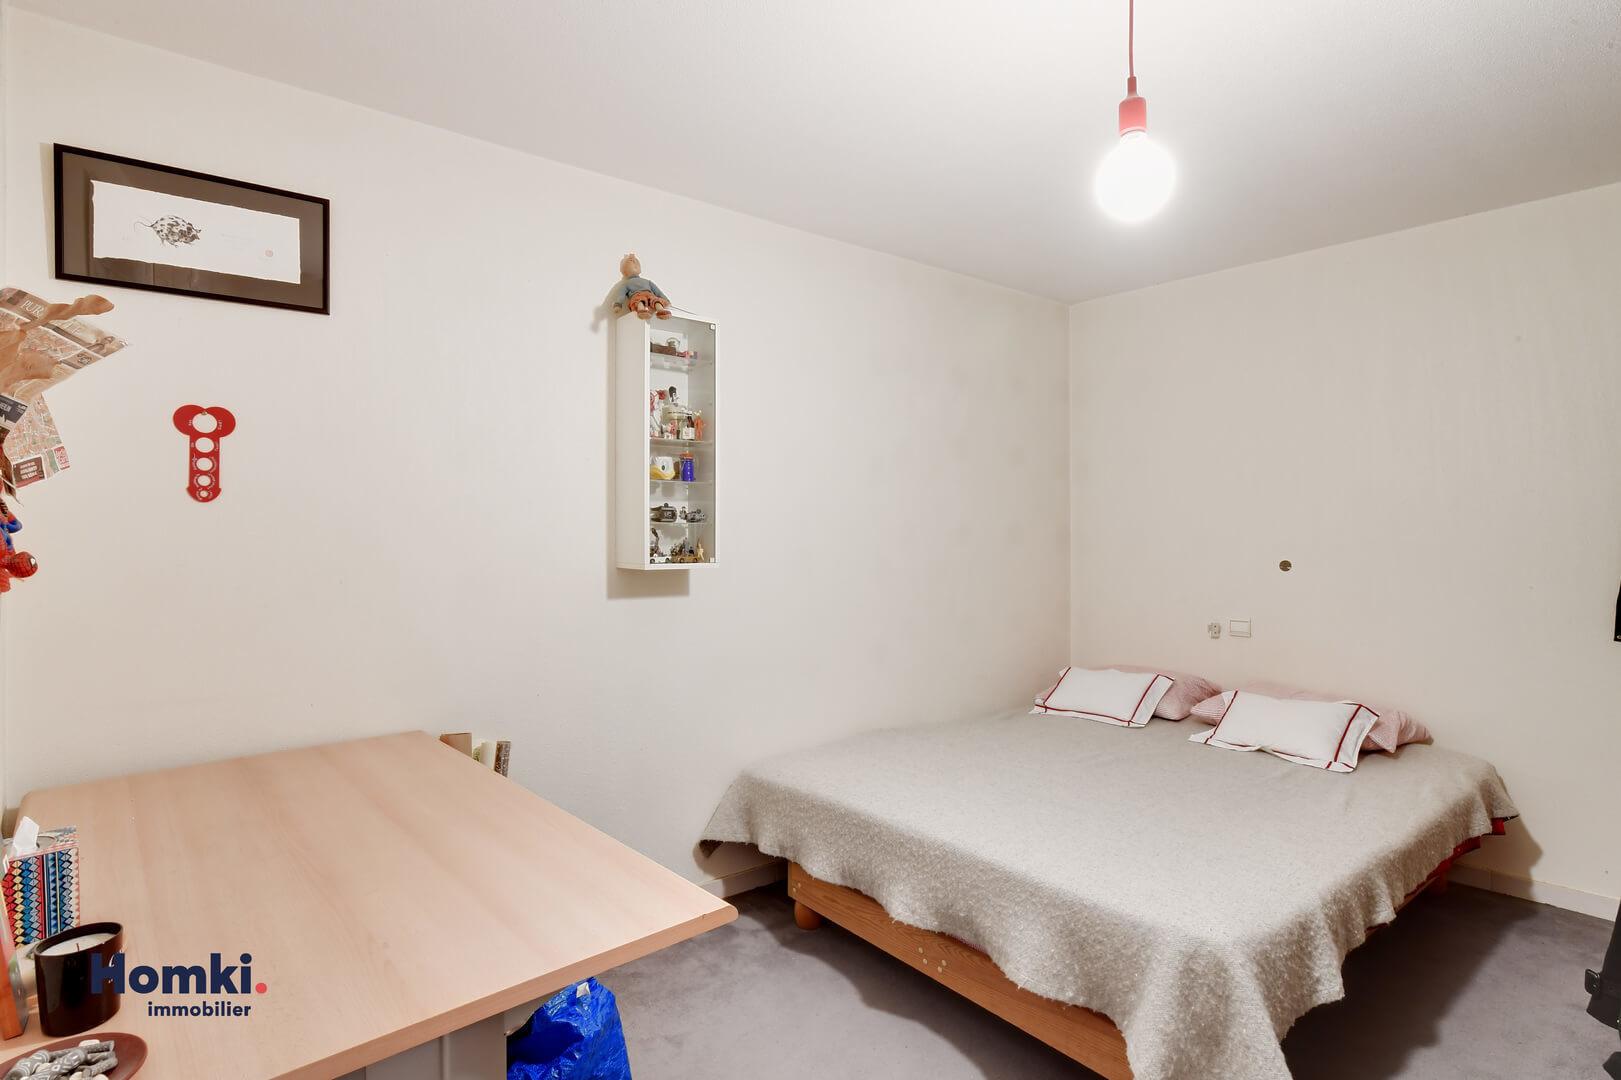 Vente appartement duplex Antibes 06600 T4 90m²_11